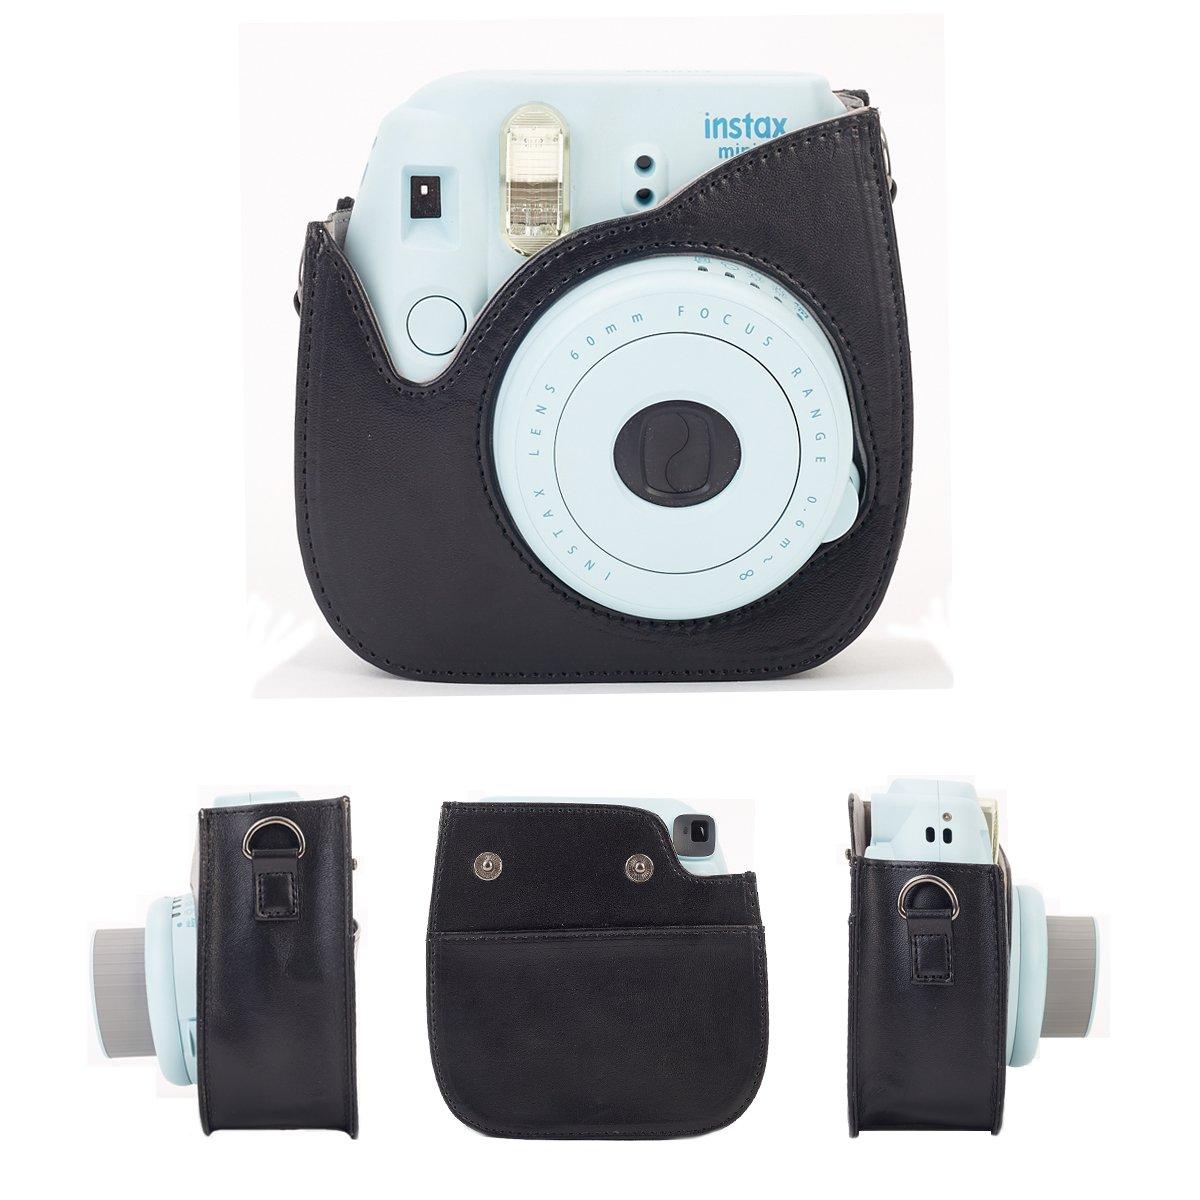 Mini 9 C/ámara instant/ánea Leebotree Bolsa de Transporte Fabricada en Cuero Azul Dispone de Una Correa de Proteger y Bolsillo para Fujifilm Instax Mini 8 8+